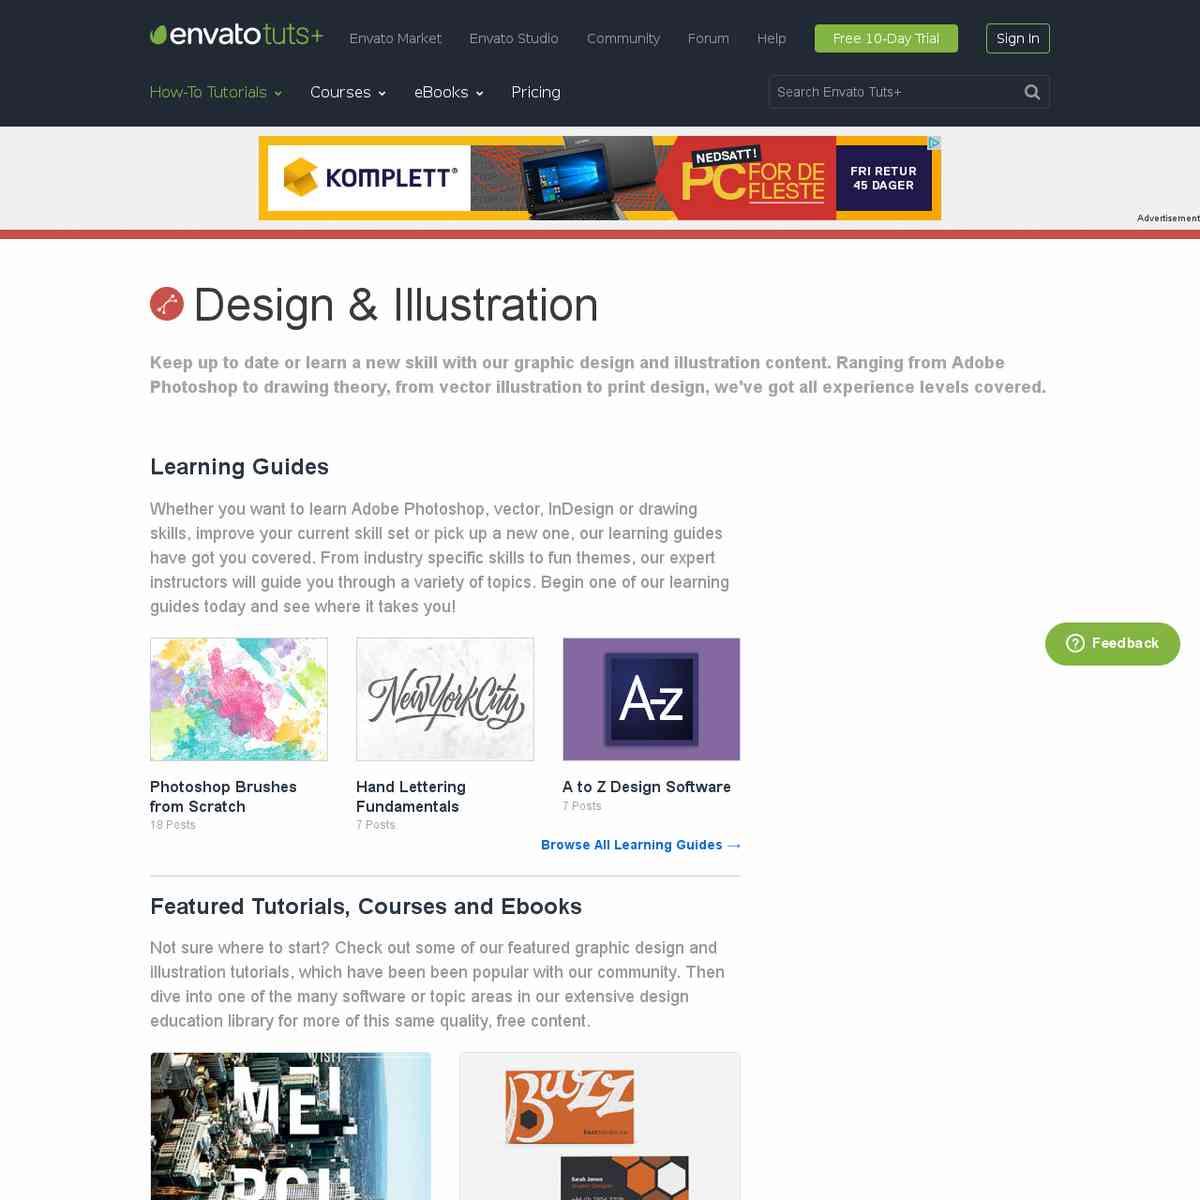 Graphic Design & Illustration Tutorials by Envato Tuts+